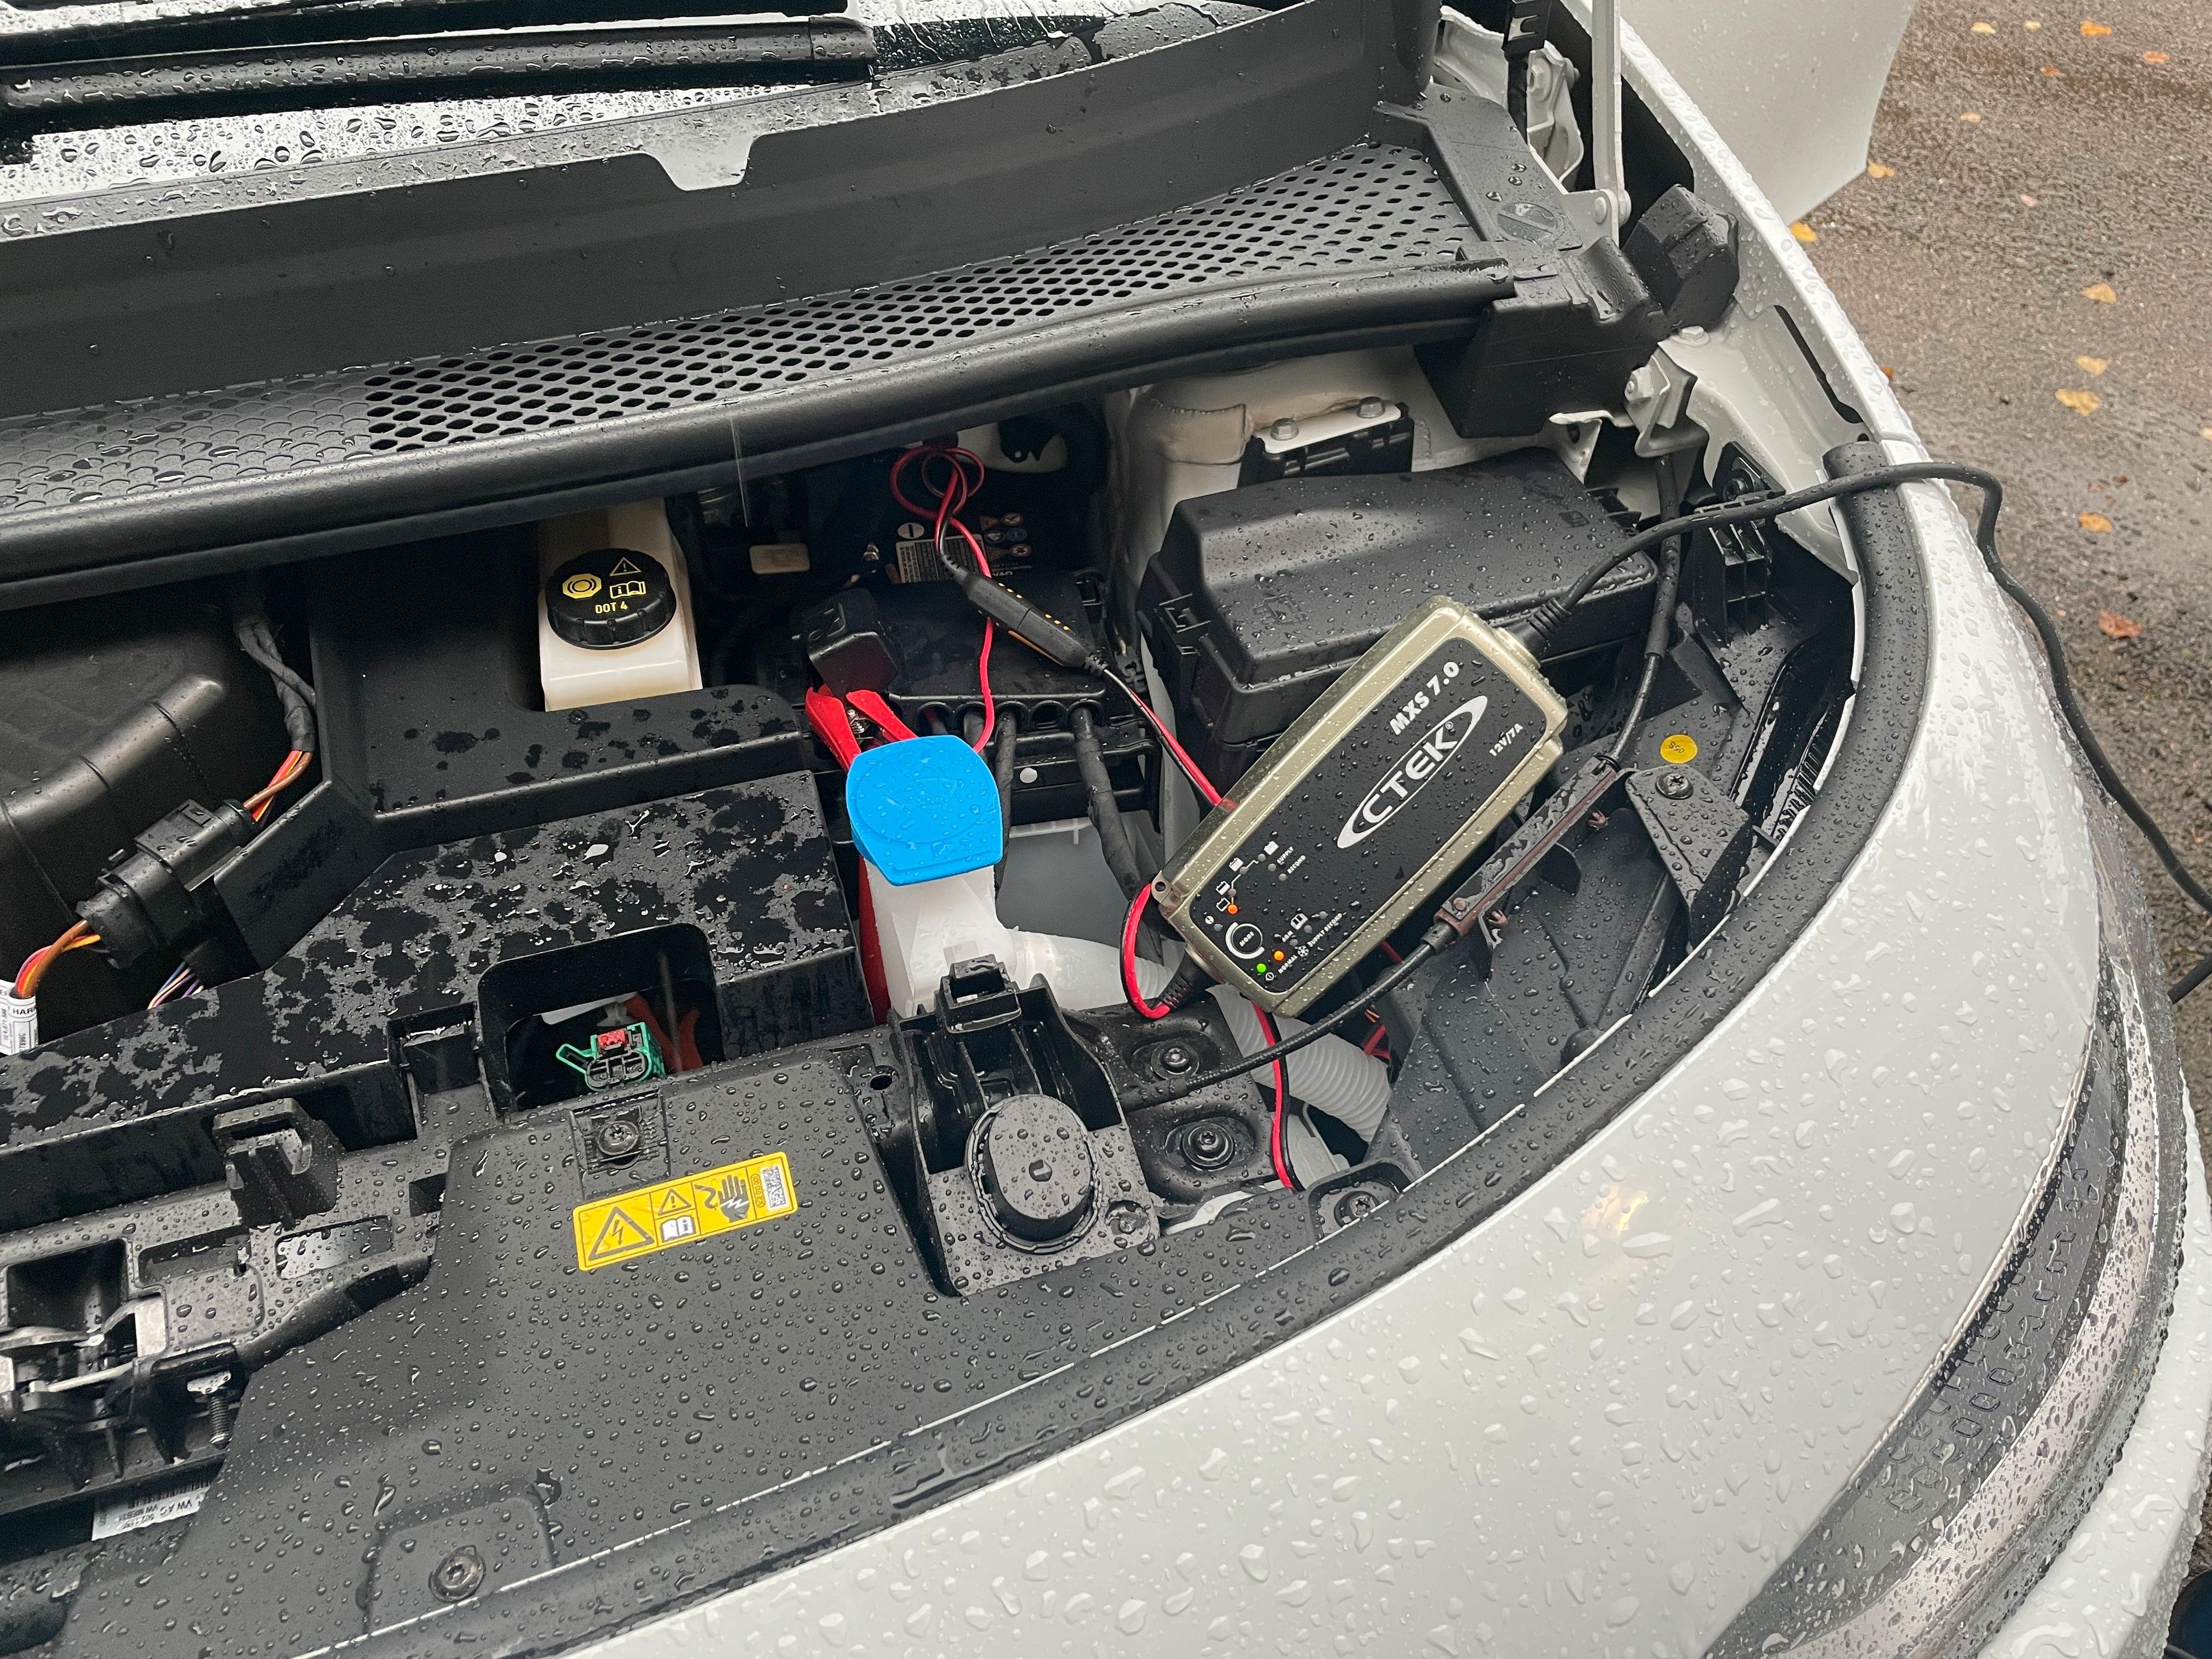 Syndebukken; et flatt 12-voltbatteri som ikke blir ladet så godt som det skal, og som bilen muligens trekker i overkant mye strøm av når den står i ro. Laderen startet med flatt-batteri-indikator da den ble koblet til.